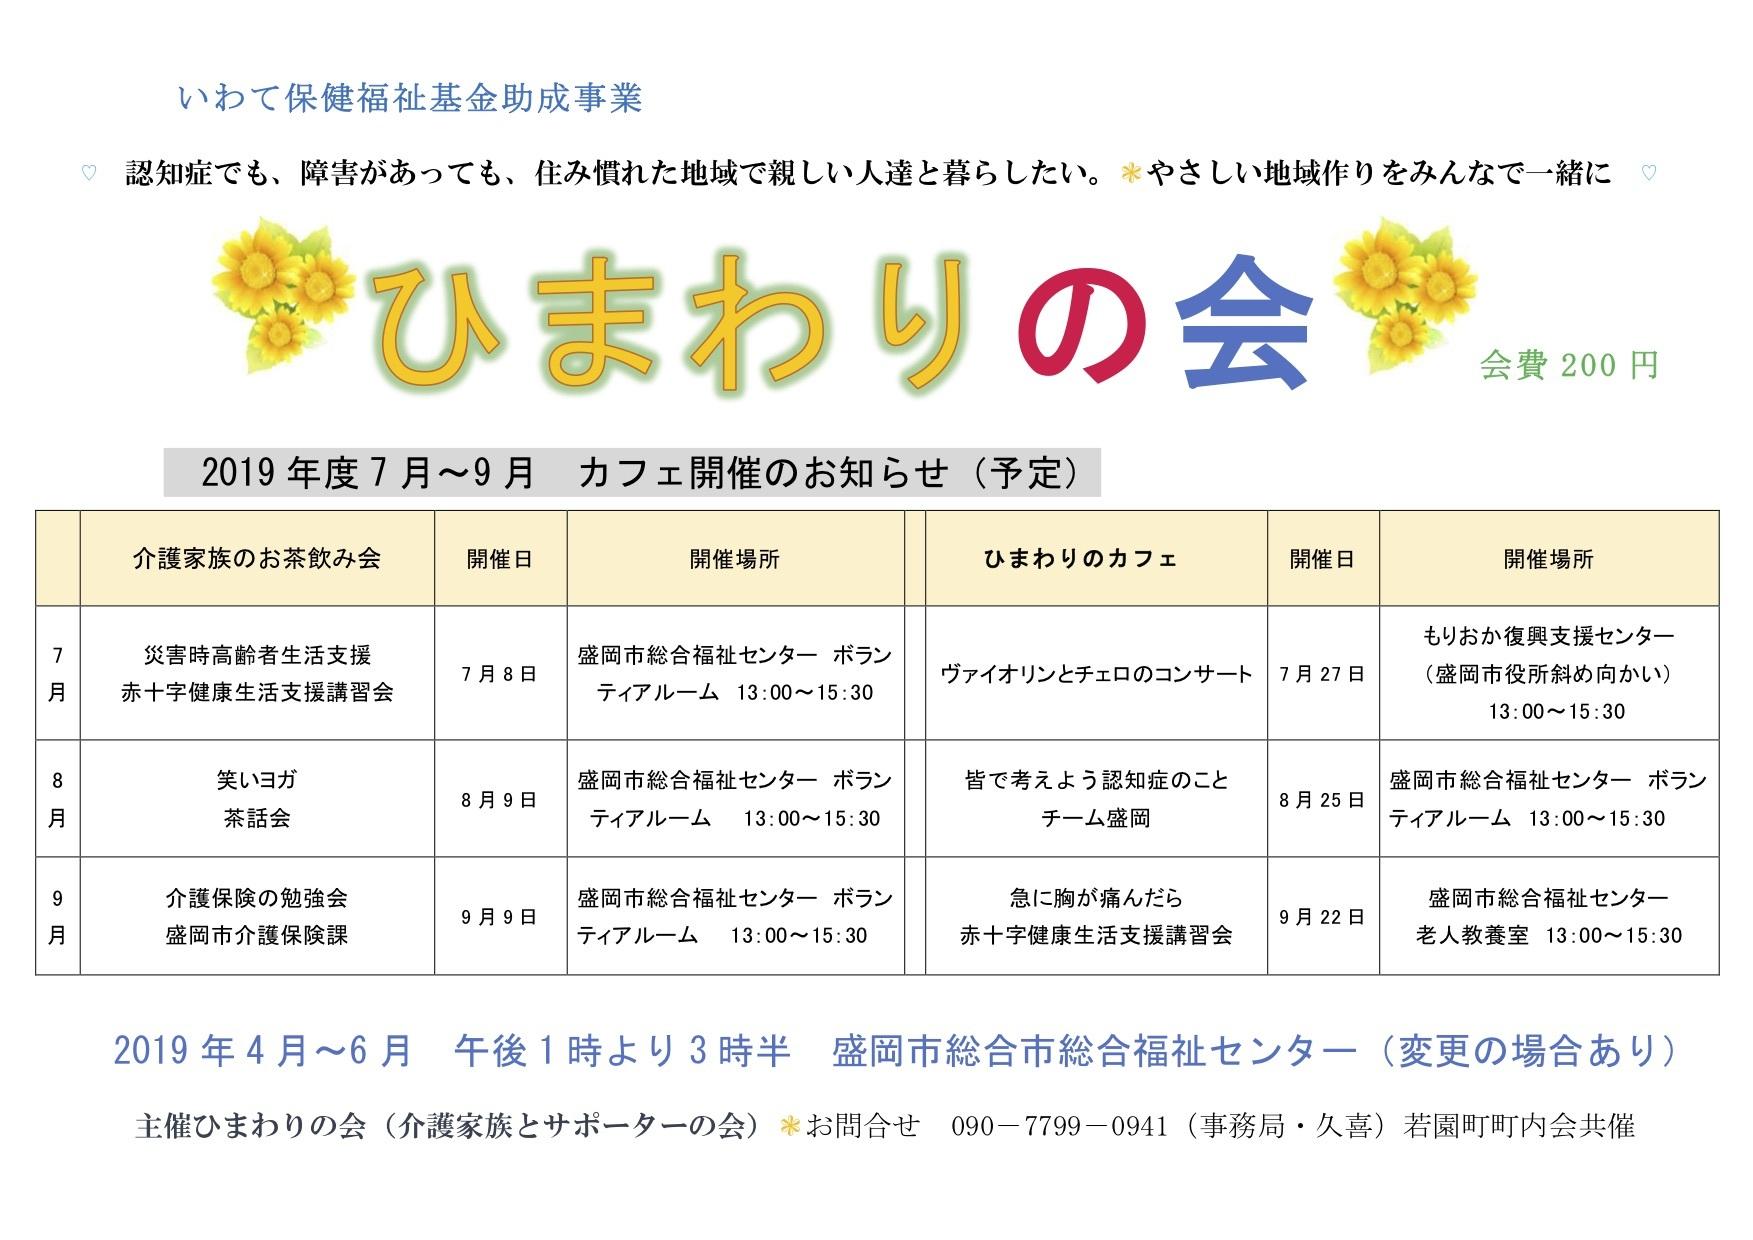 ひまわりの会カフェご案内(2019年7〜9月)_a0103650_20430543.jpg